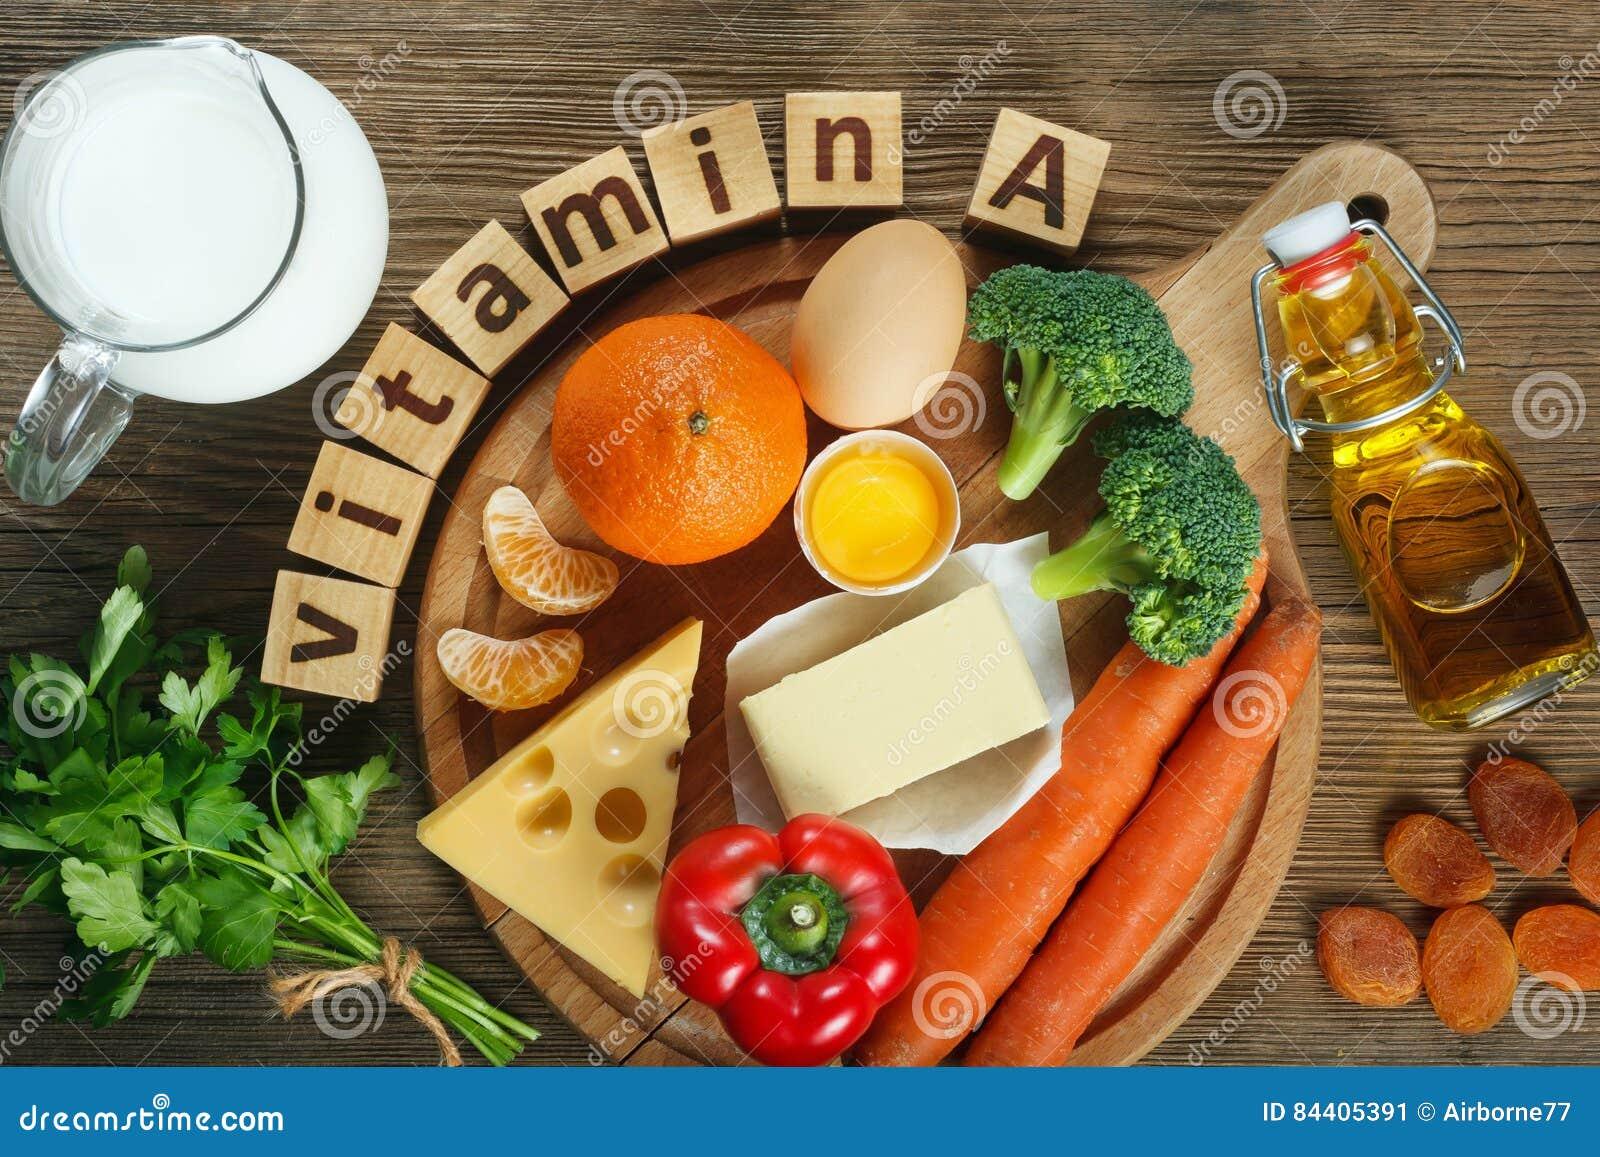 Vitamin A i mat